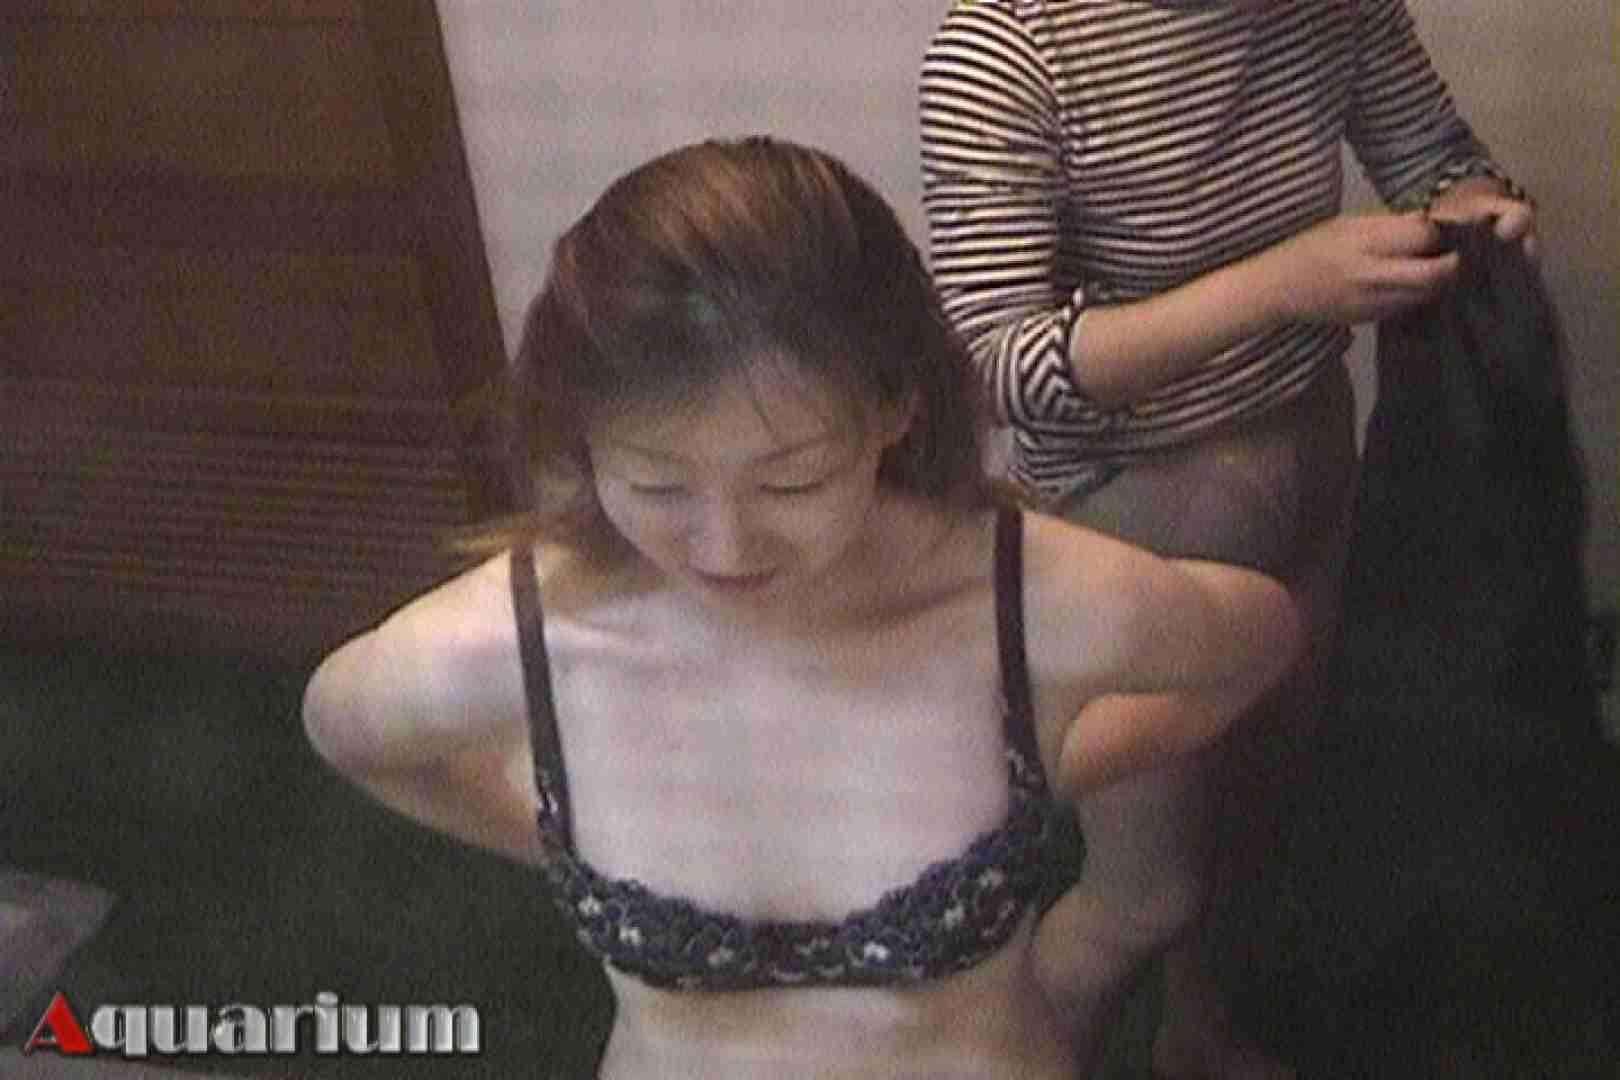 旅館脱衣所お着替え盗撮 Vol.03 着替え  102画像 6